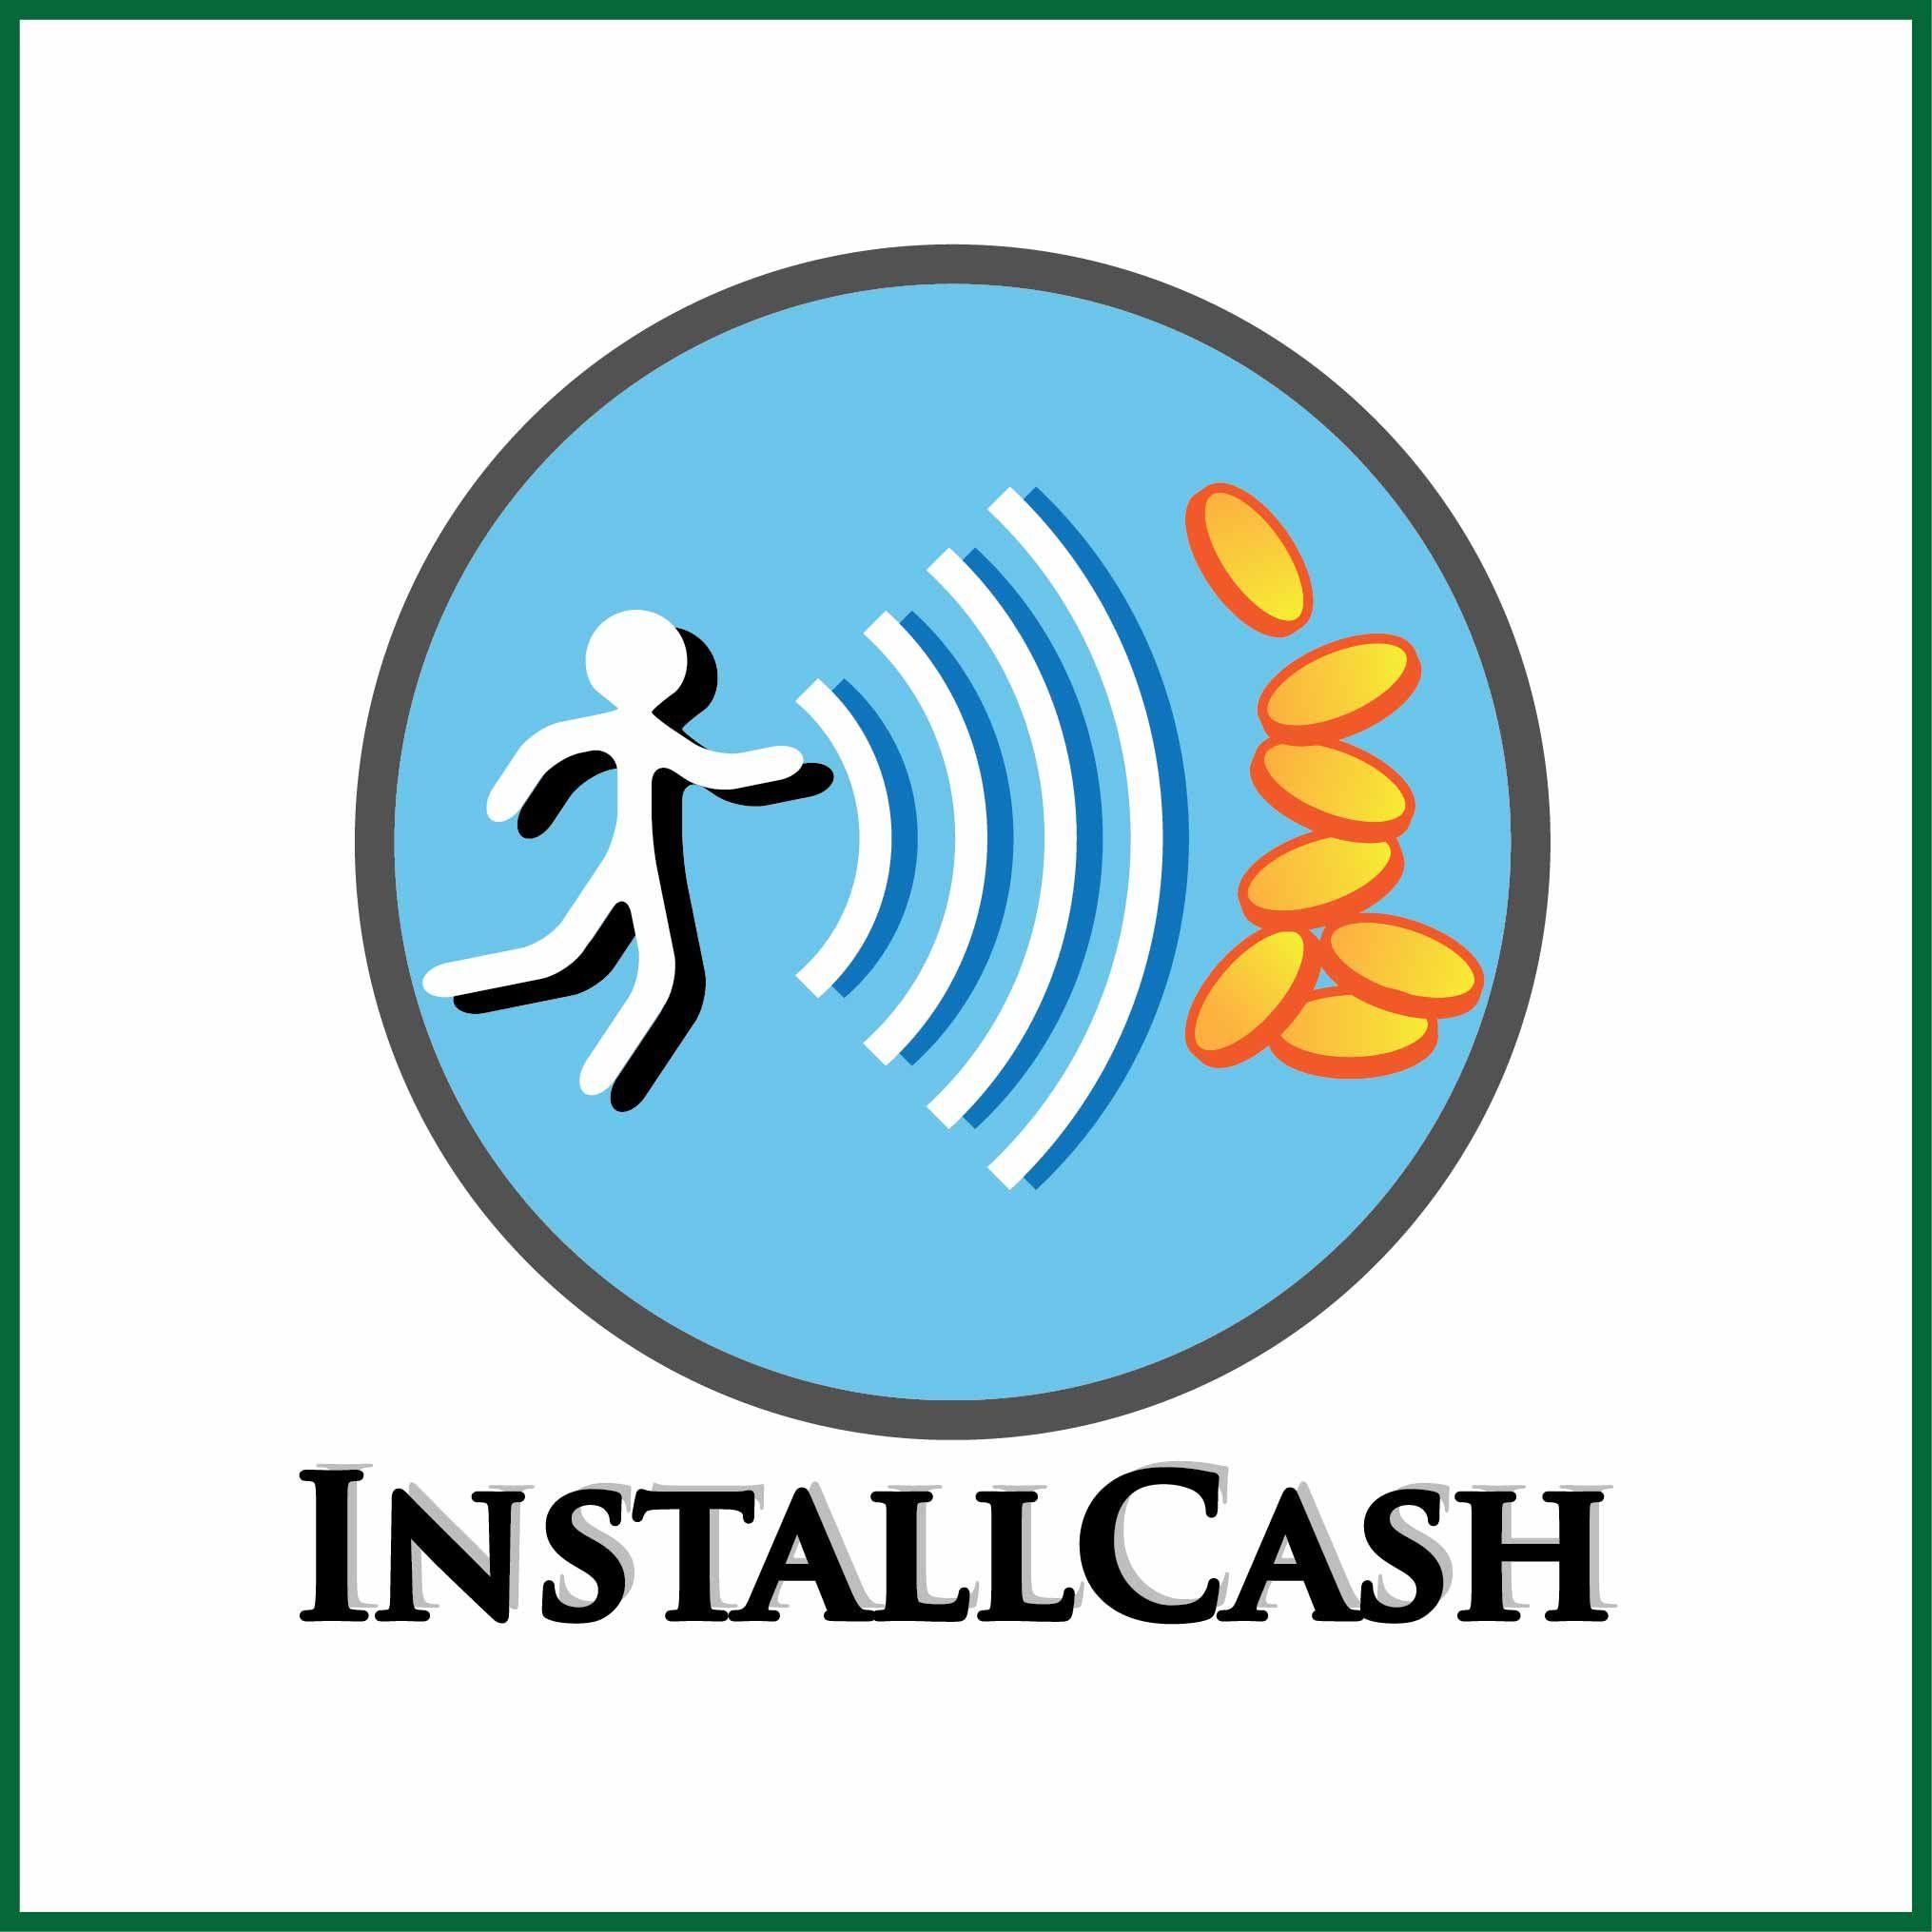 Логотип для партнерской программы InstallCash - дизайнер Kitayanki